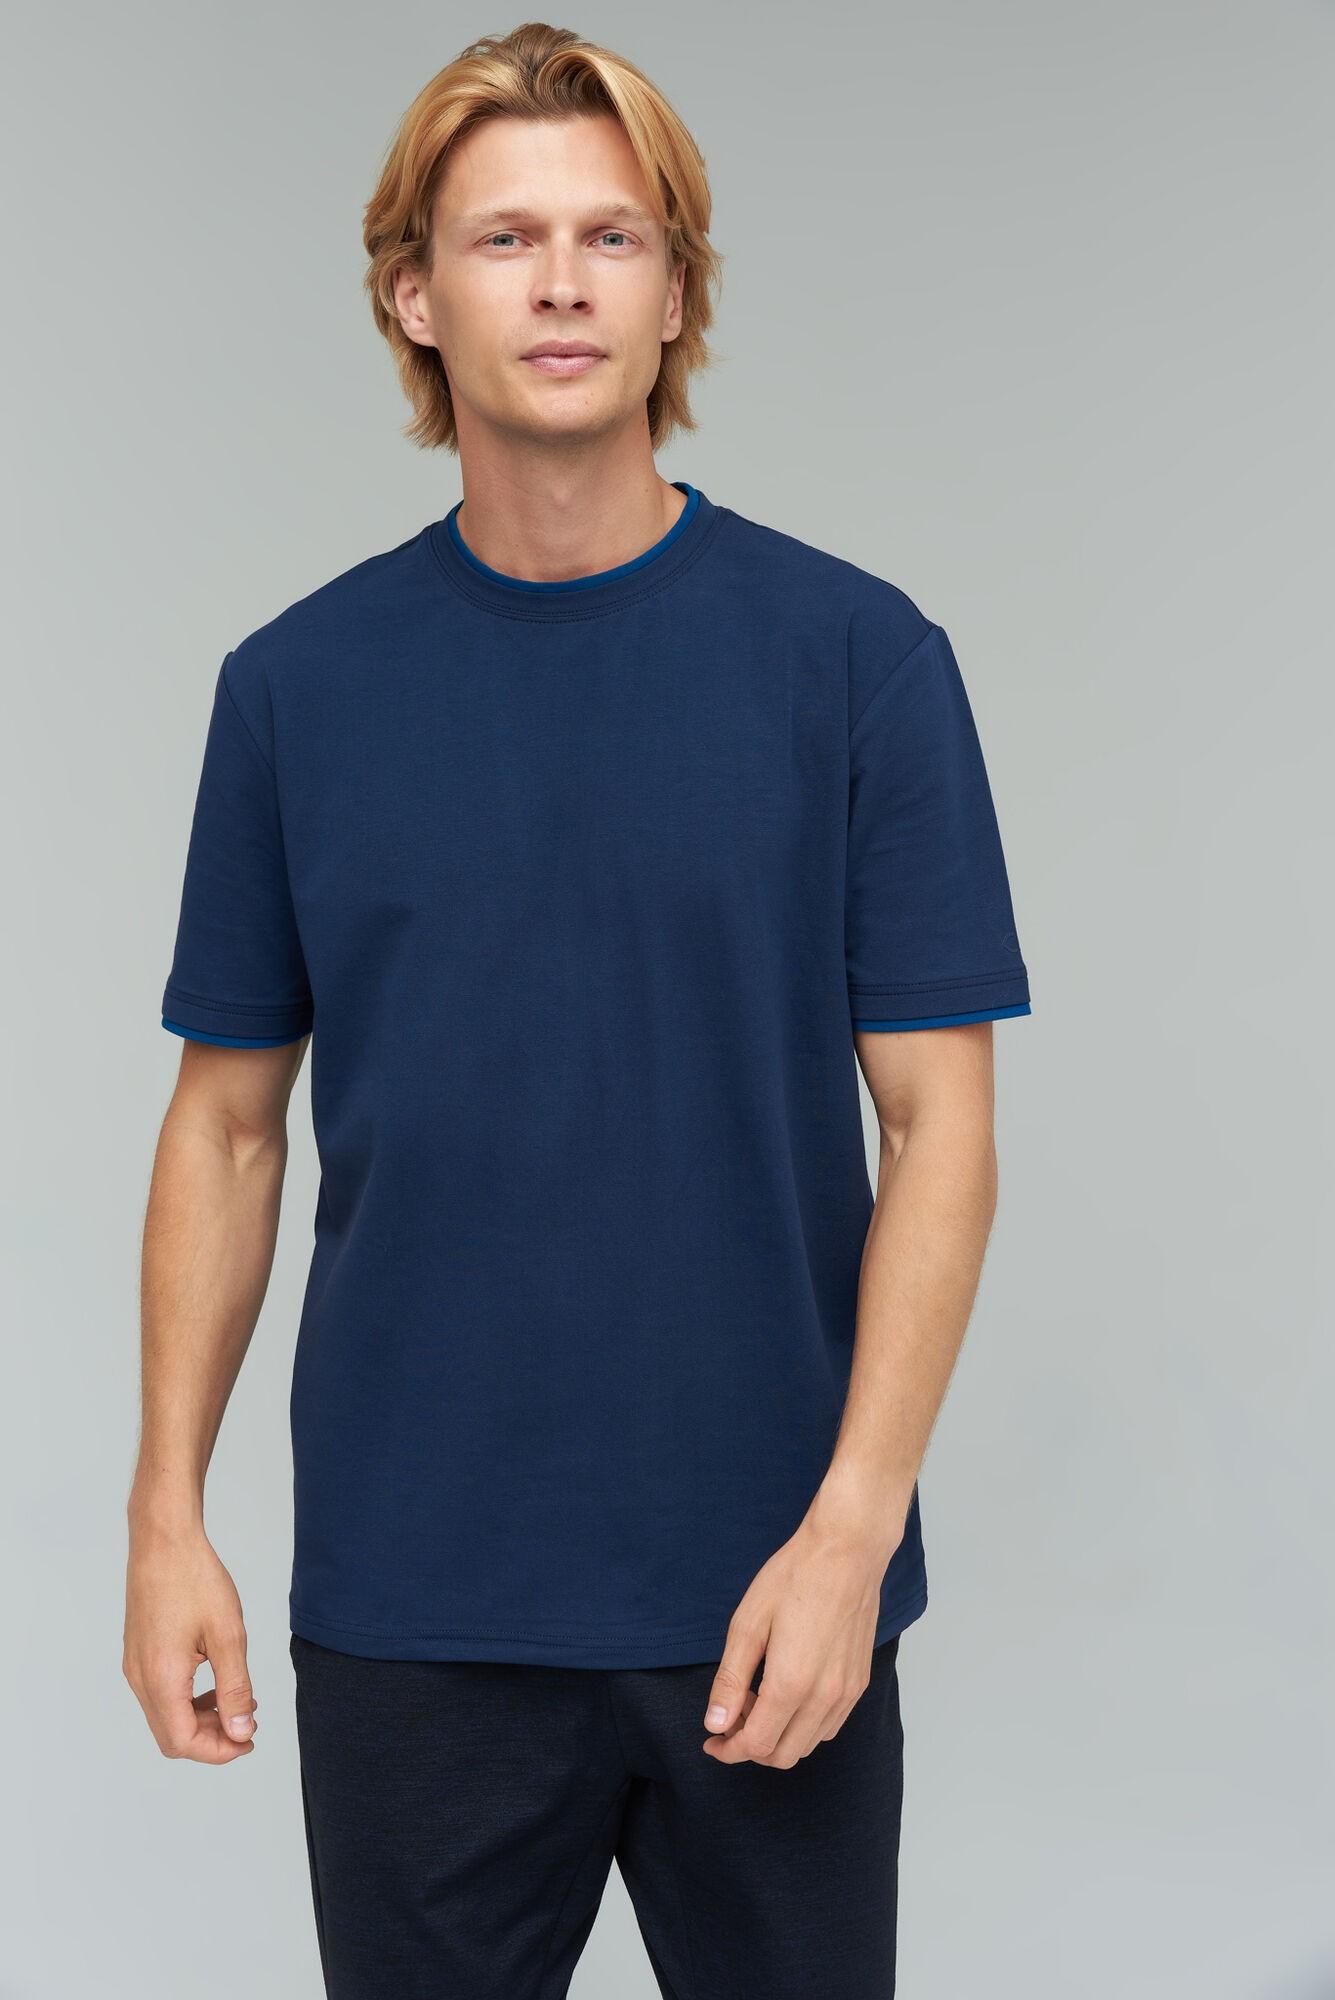 AUDIMAS Tamprūs medvilniniai marškinėliai 2021-642 Navy Blazer XL